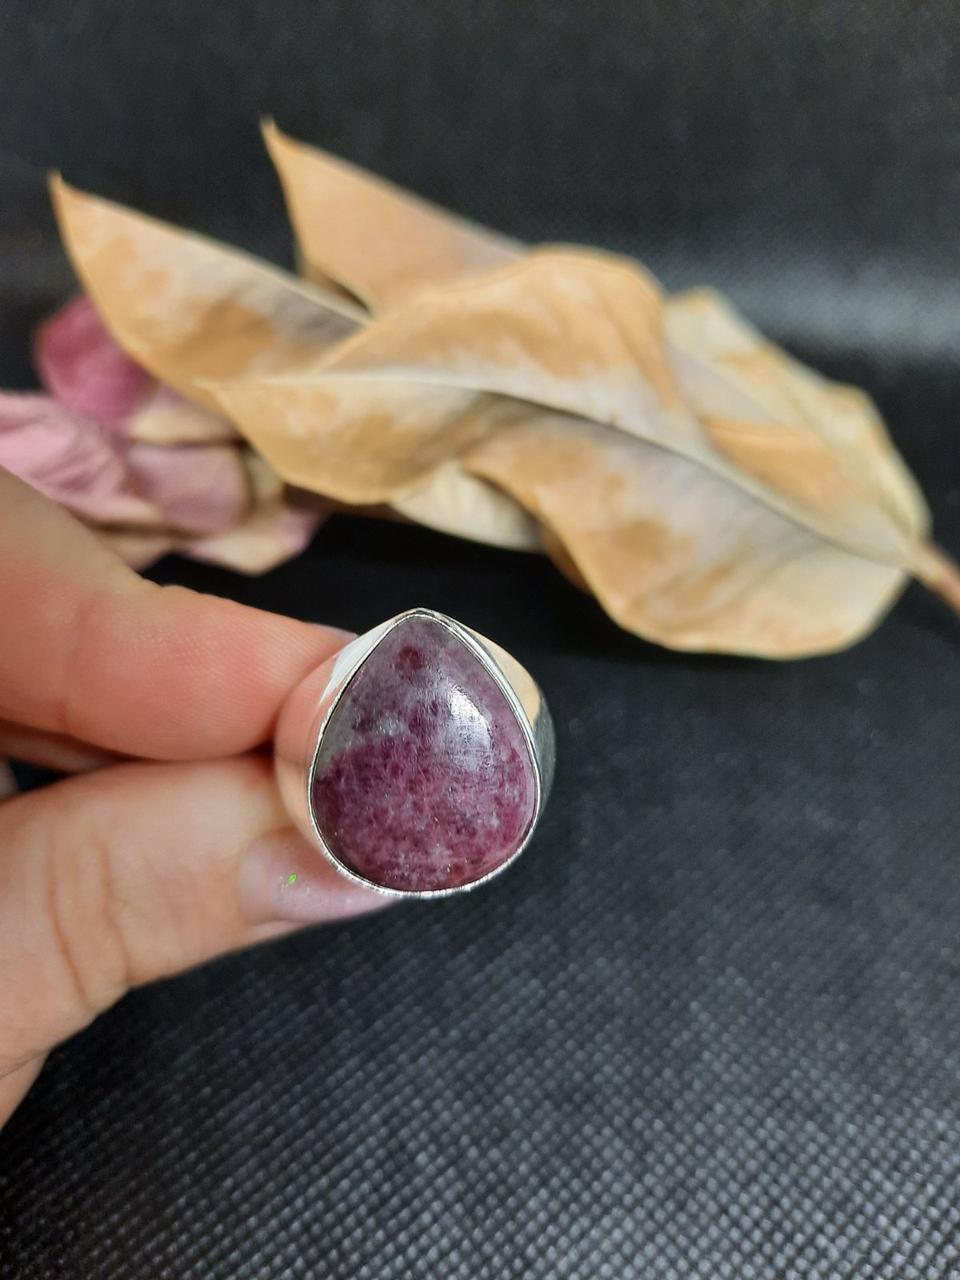 Рубин в породе цоизит кольцо капля с рубином 19,5 размер природный рубин в серебре Индия